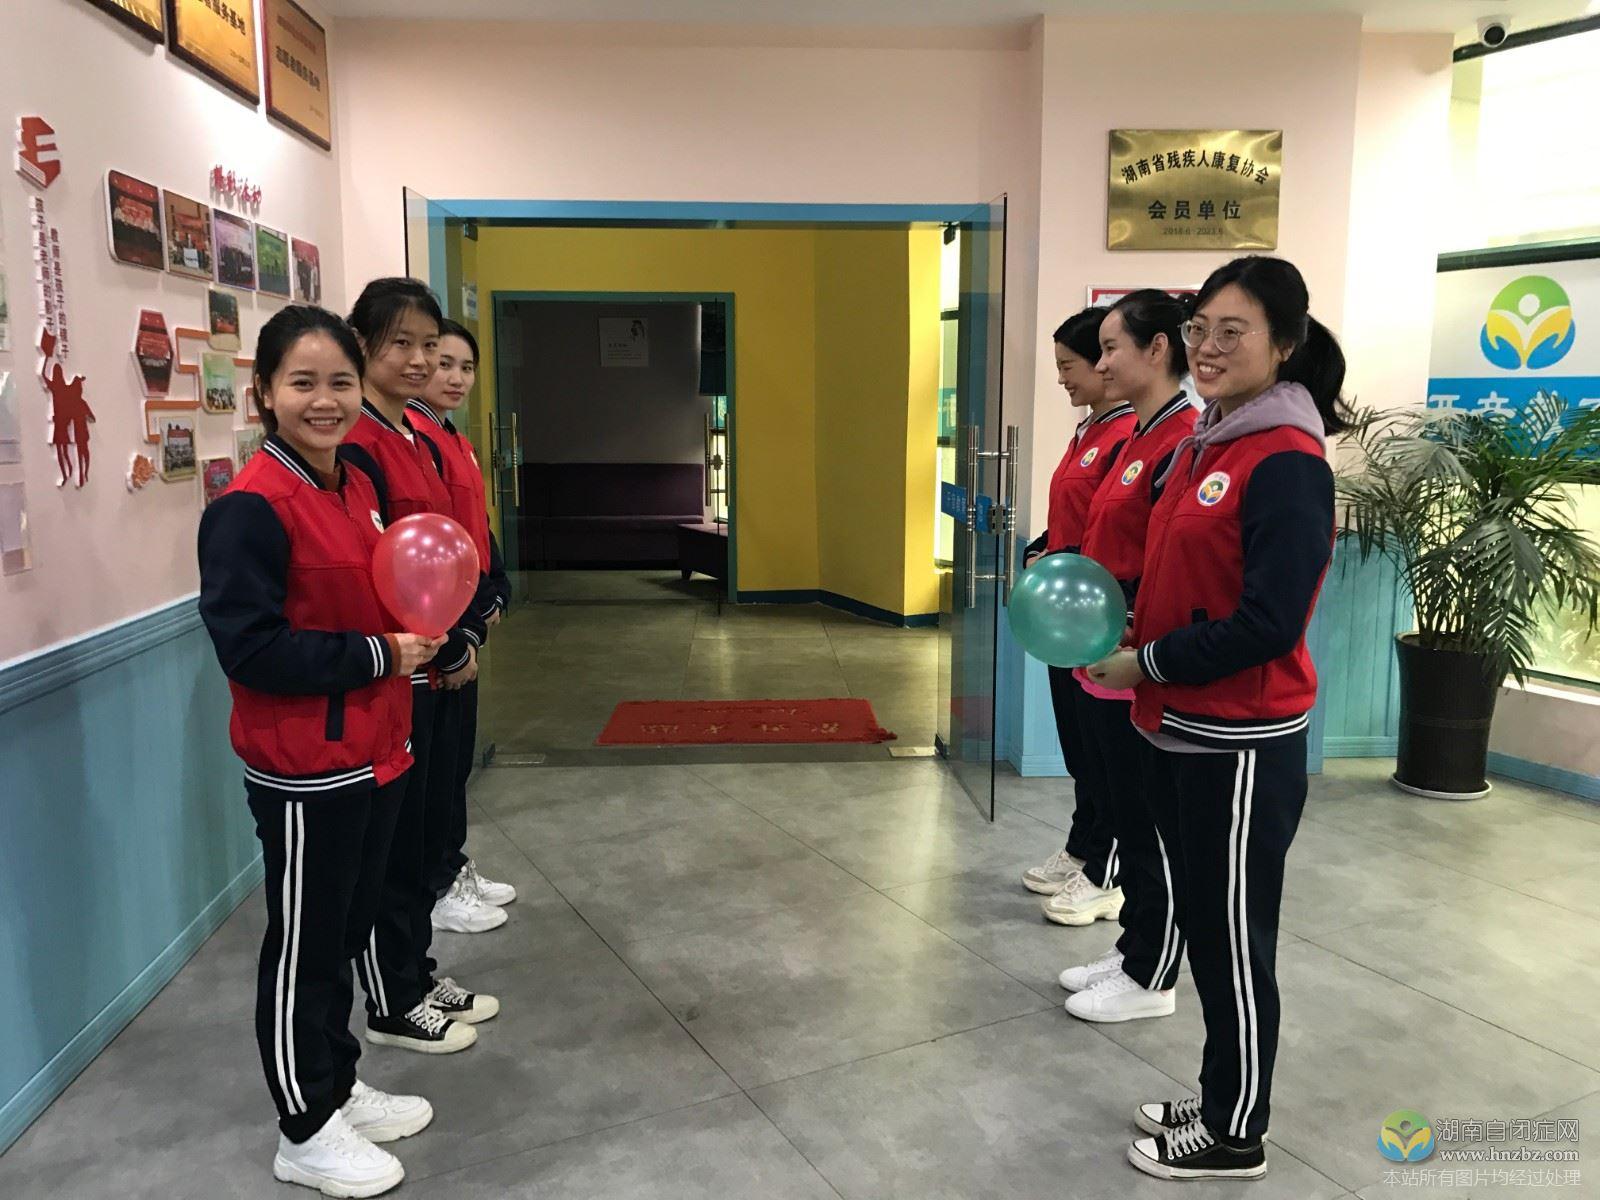 开音自闭症教育中心-教学环境 (3).JPG